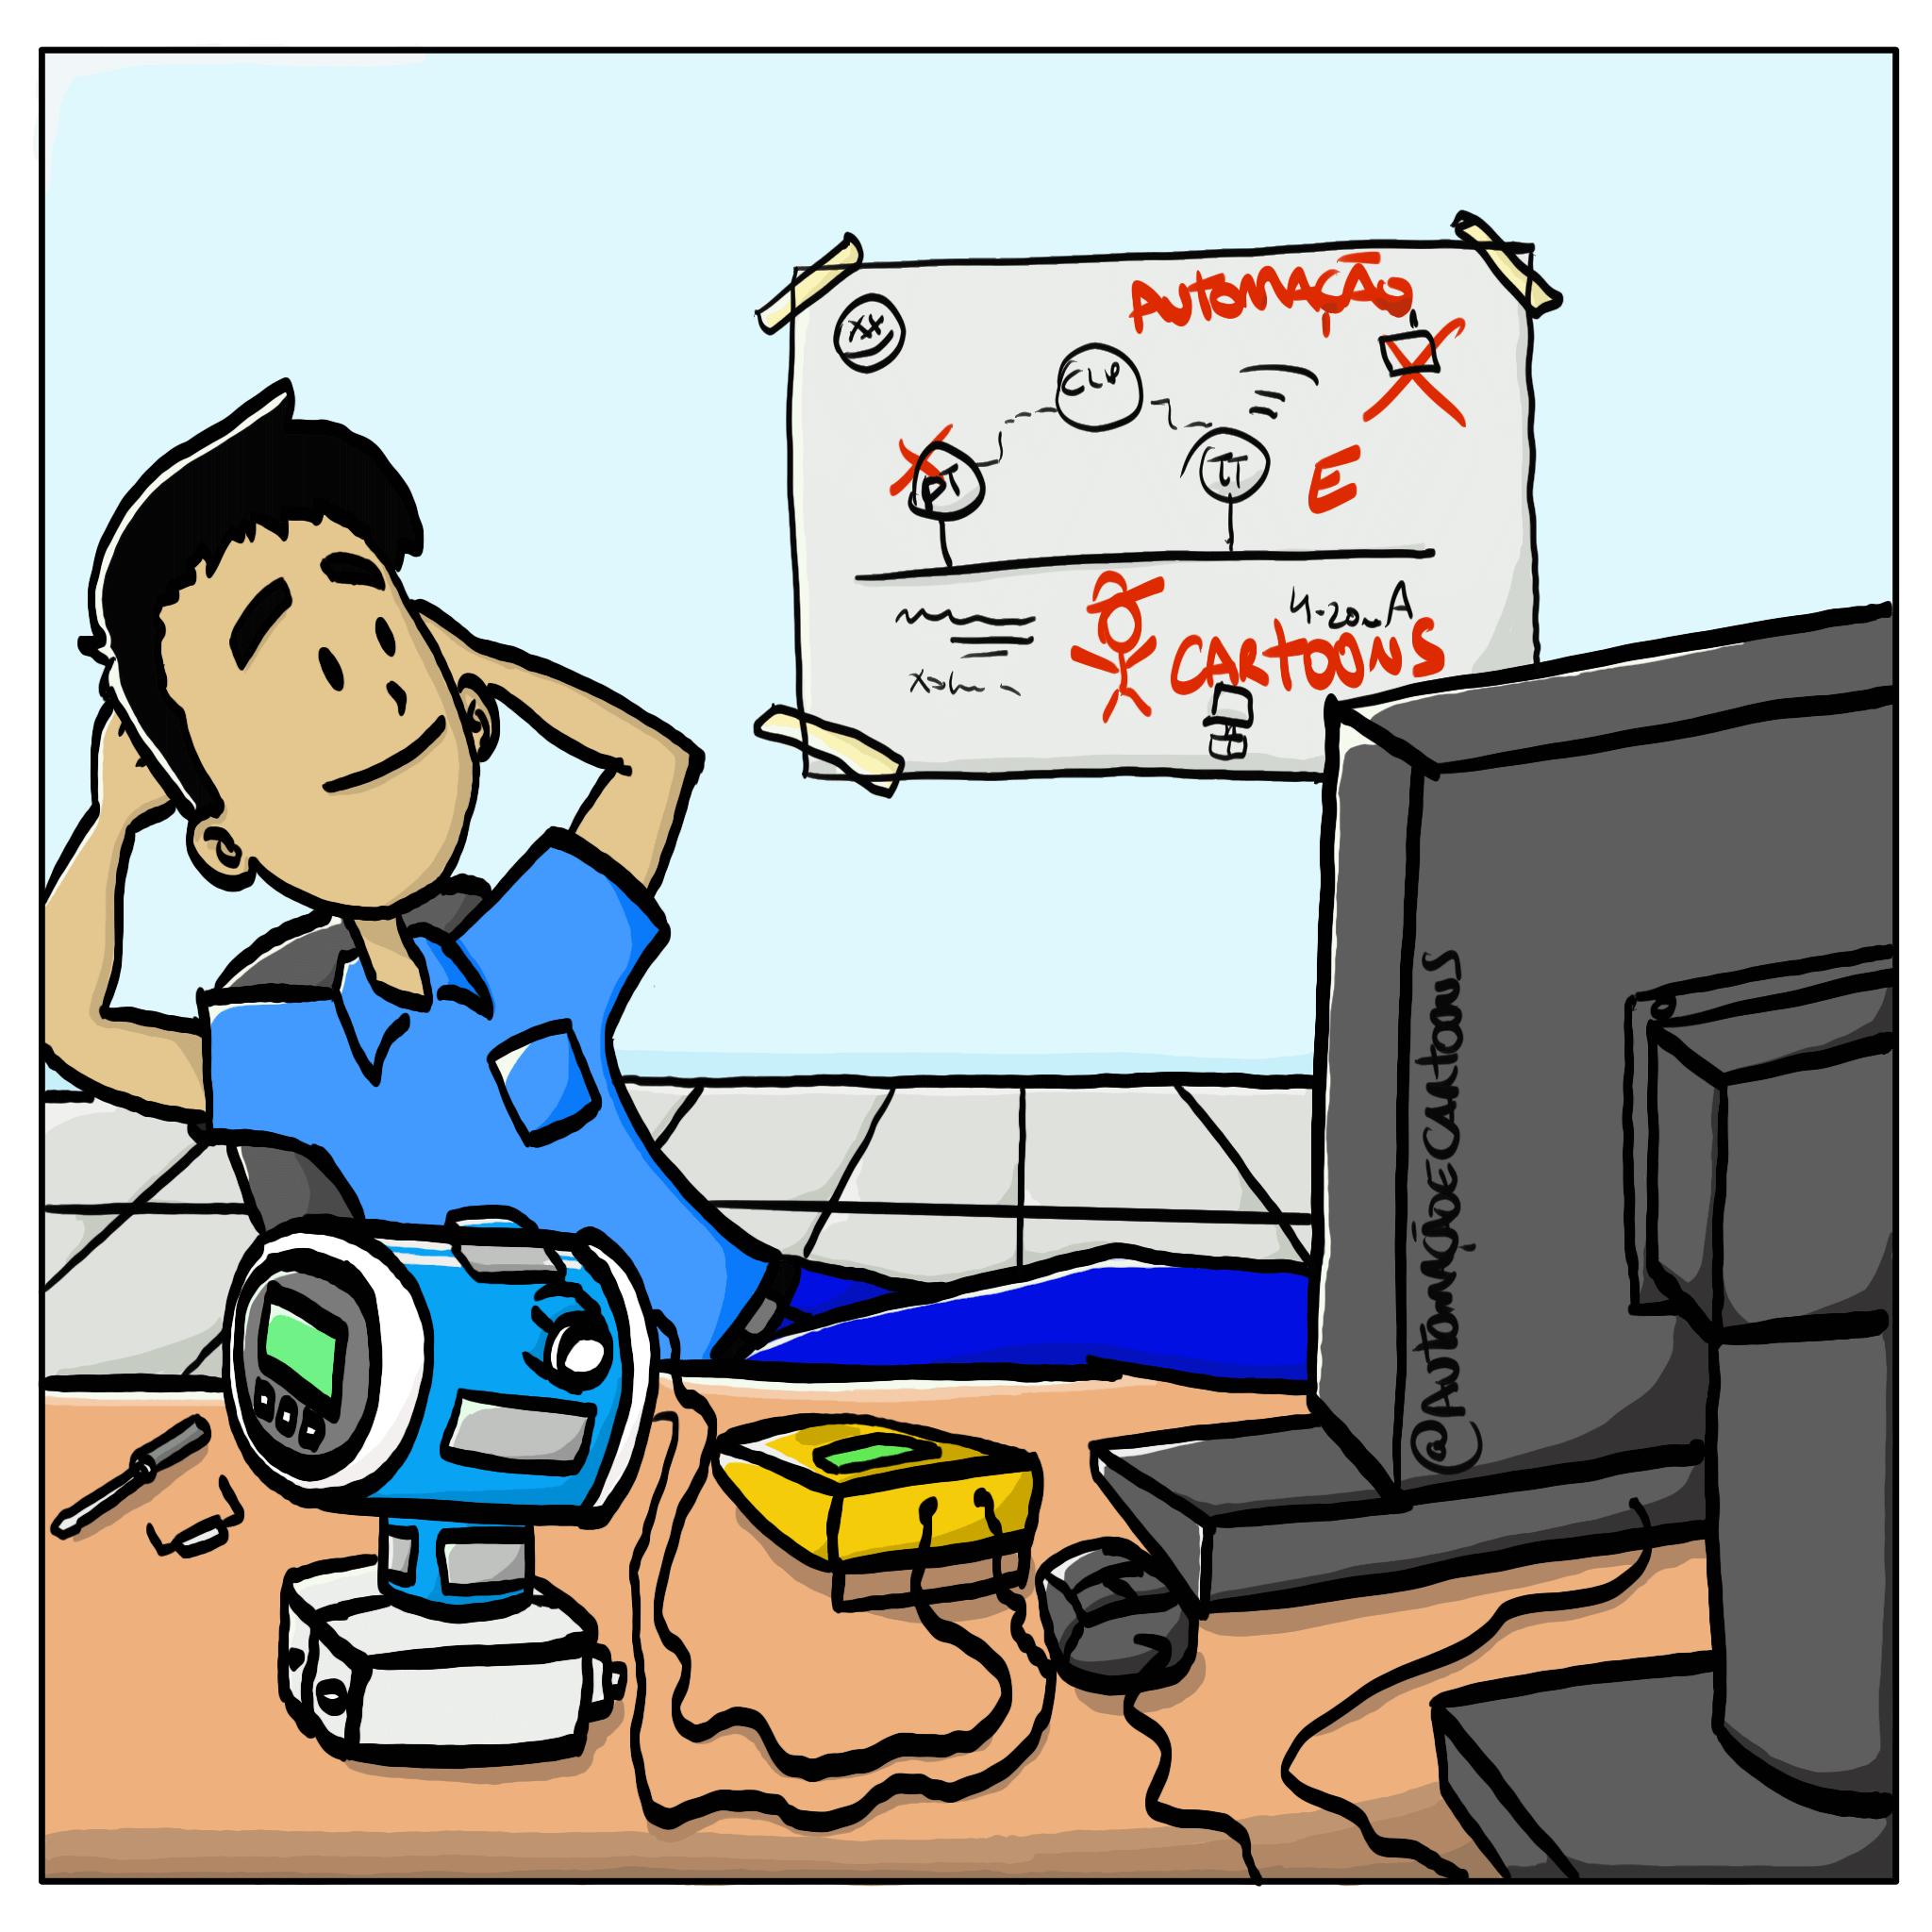 bem-vindos-ao-automacao-cartoons